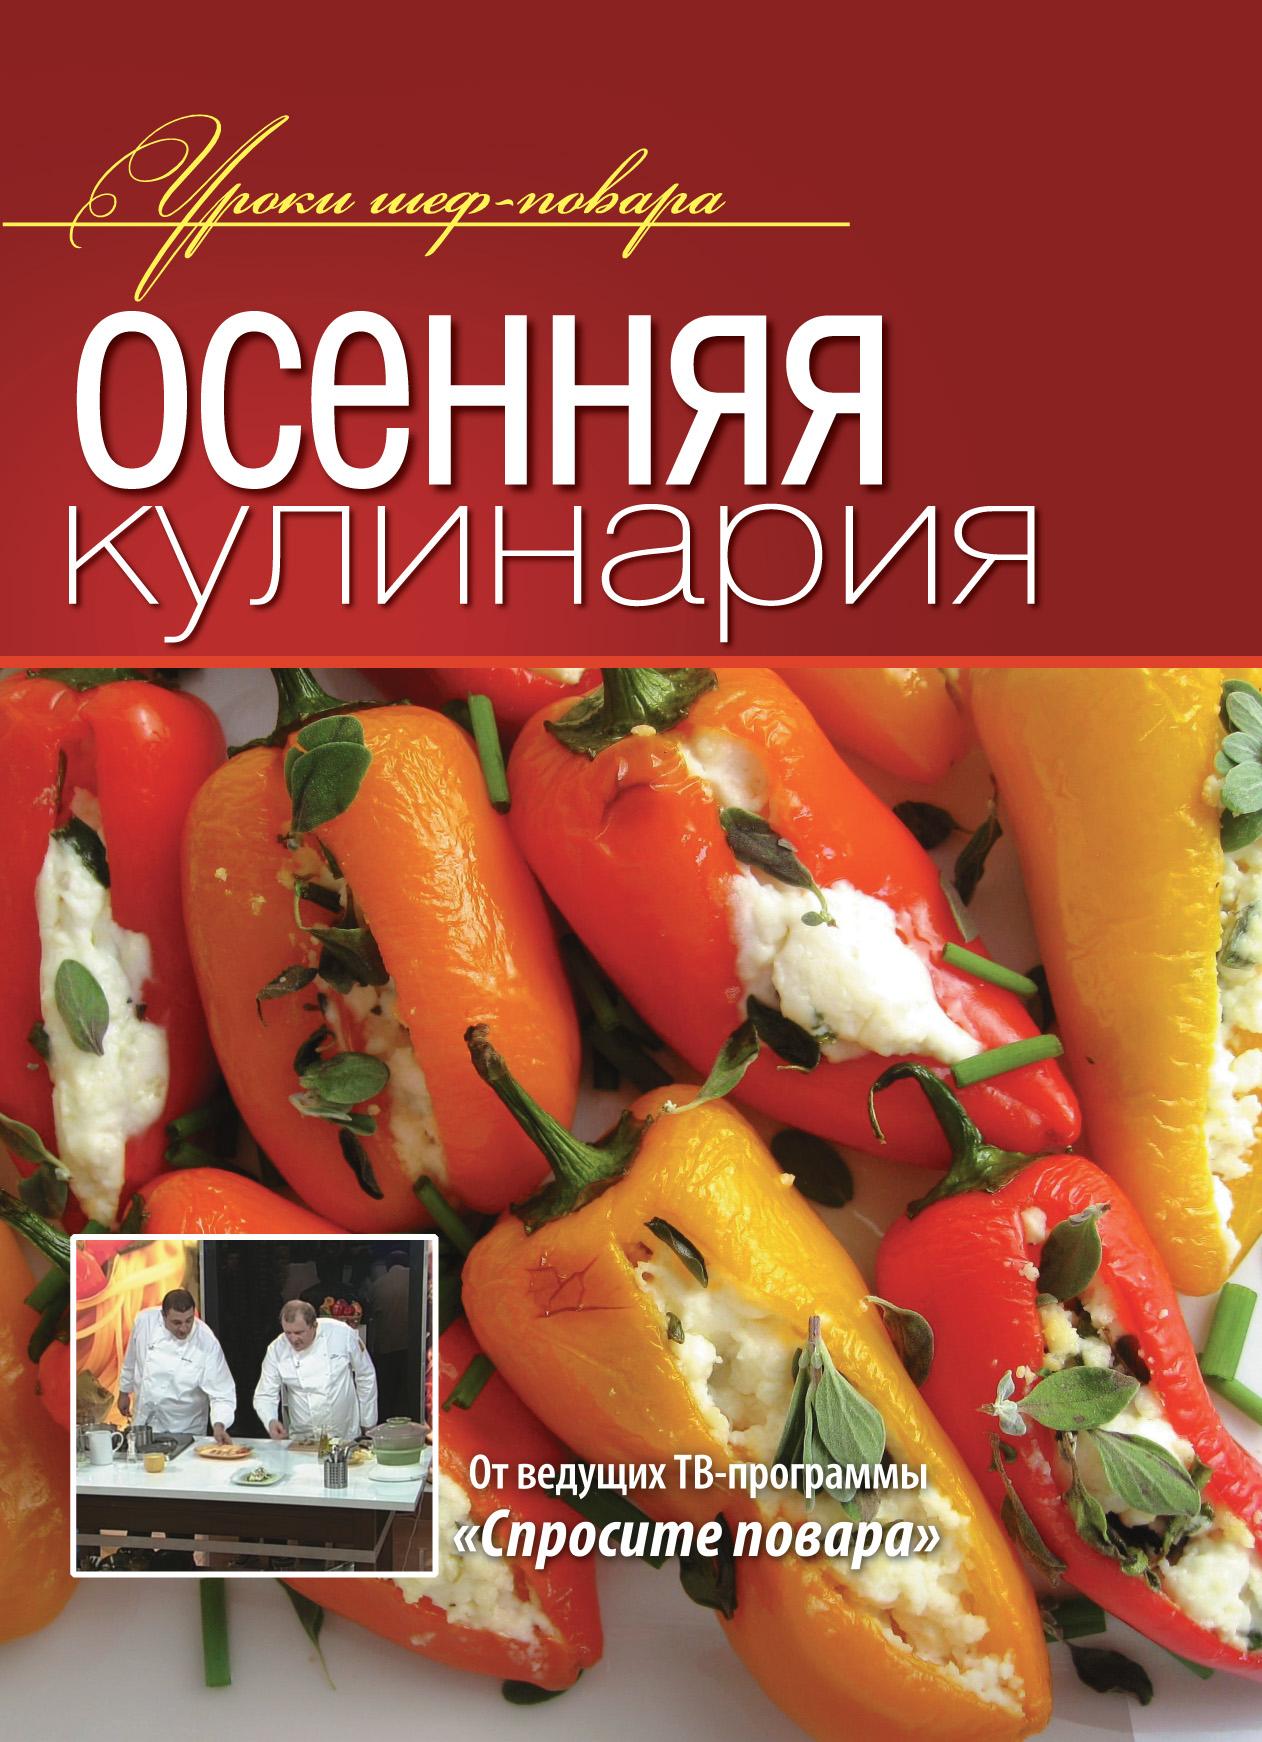 Коллектив авторов Осенняя кулинария мерников а самое известное оружие мира